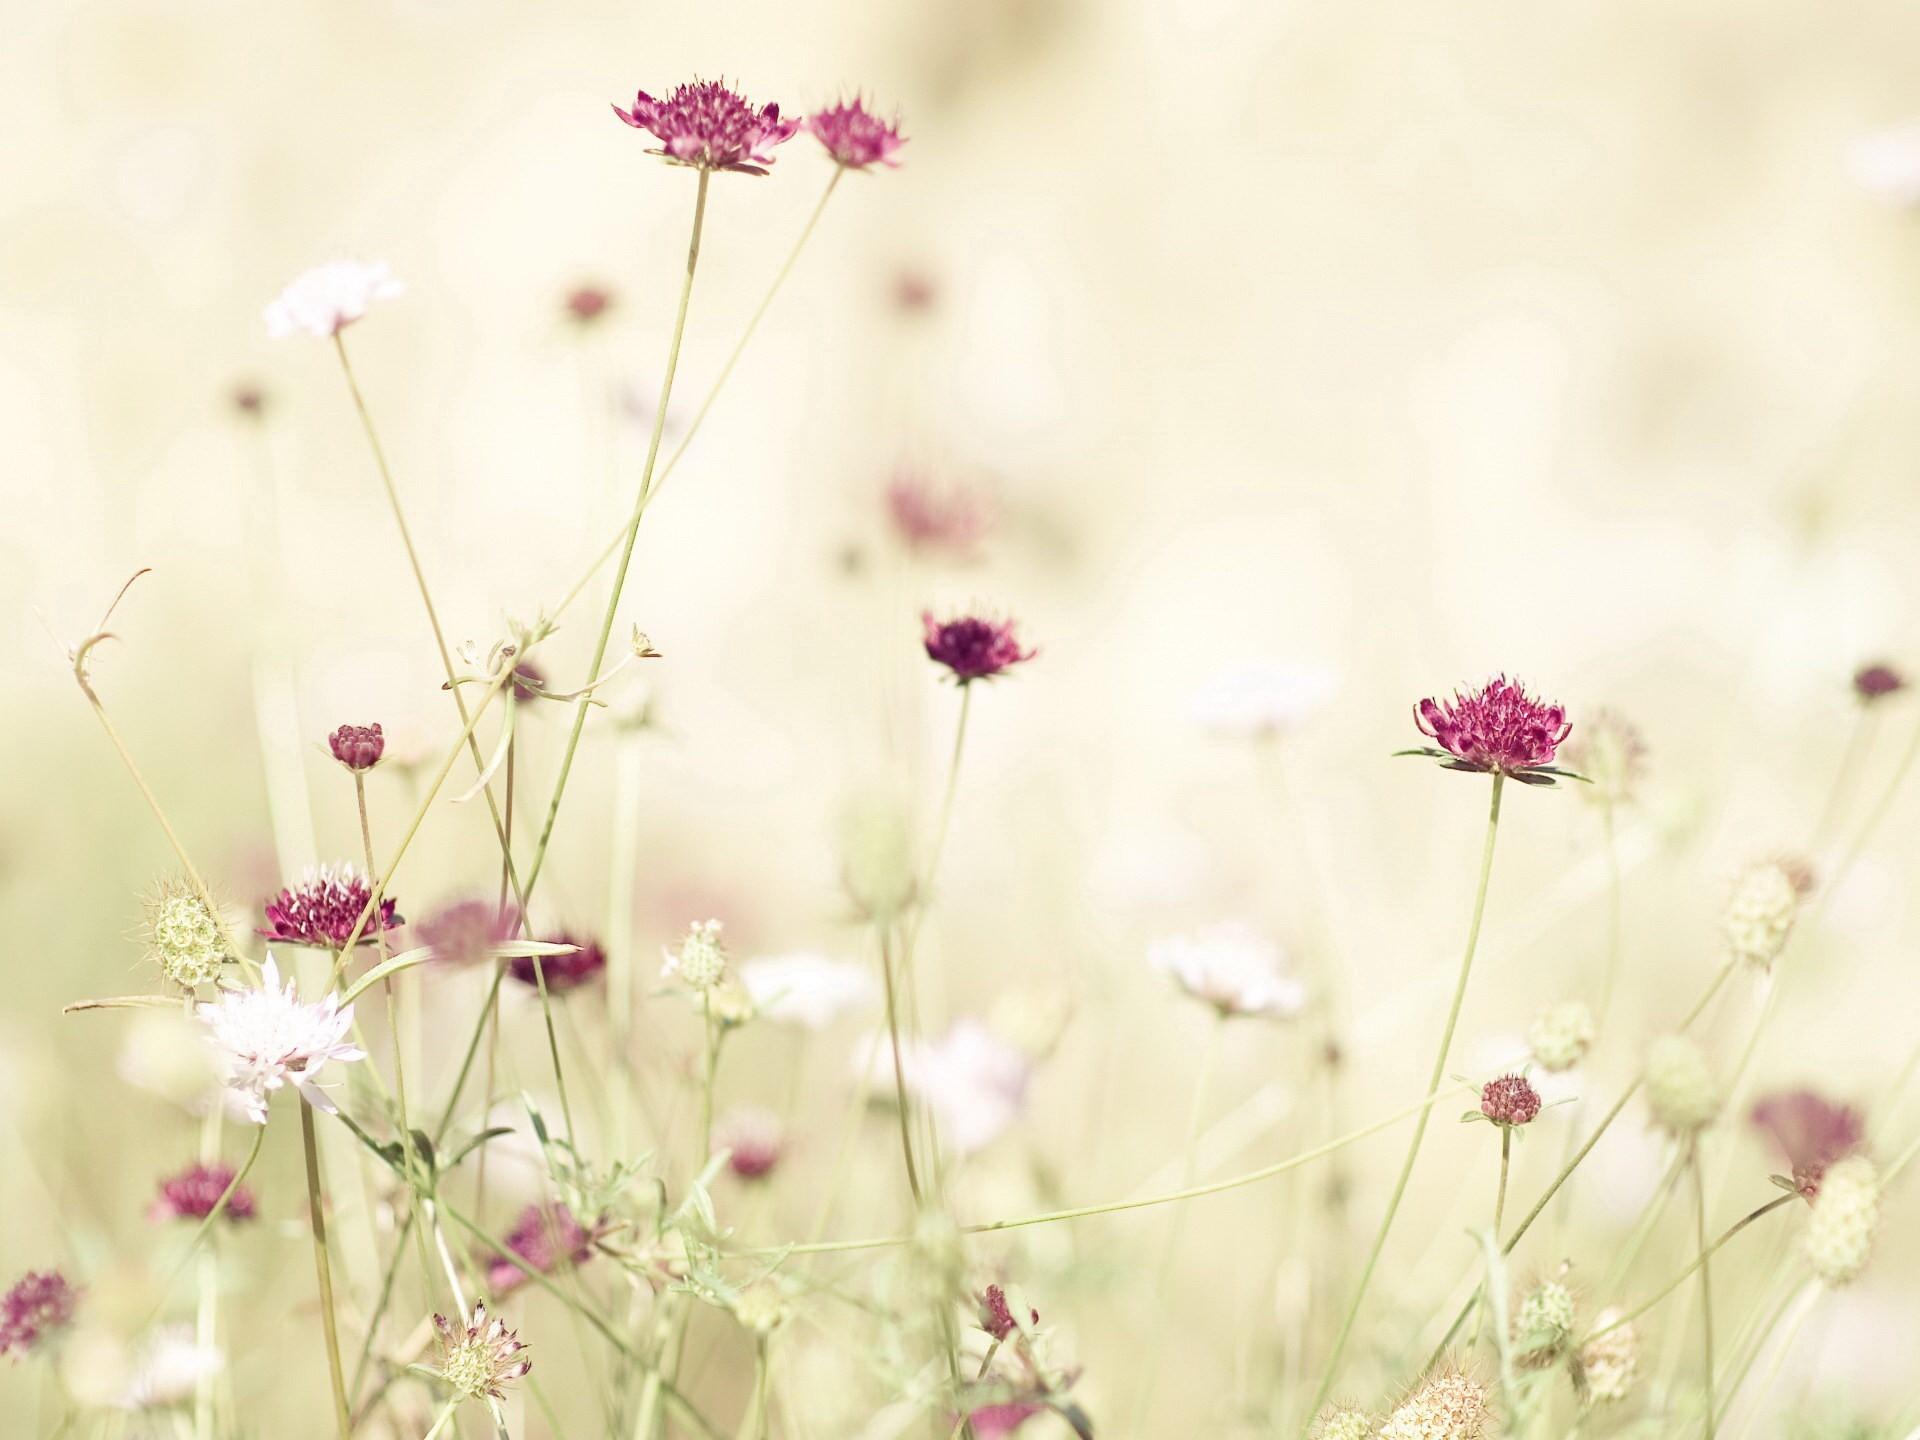 природа цветы белые красные бесплатно